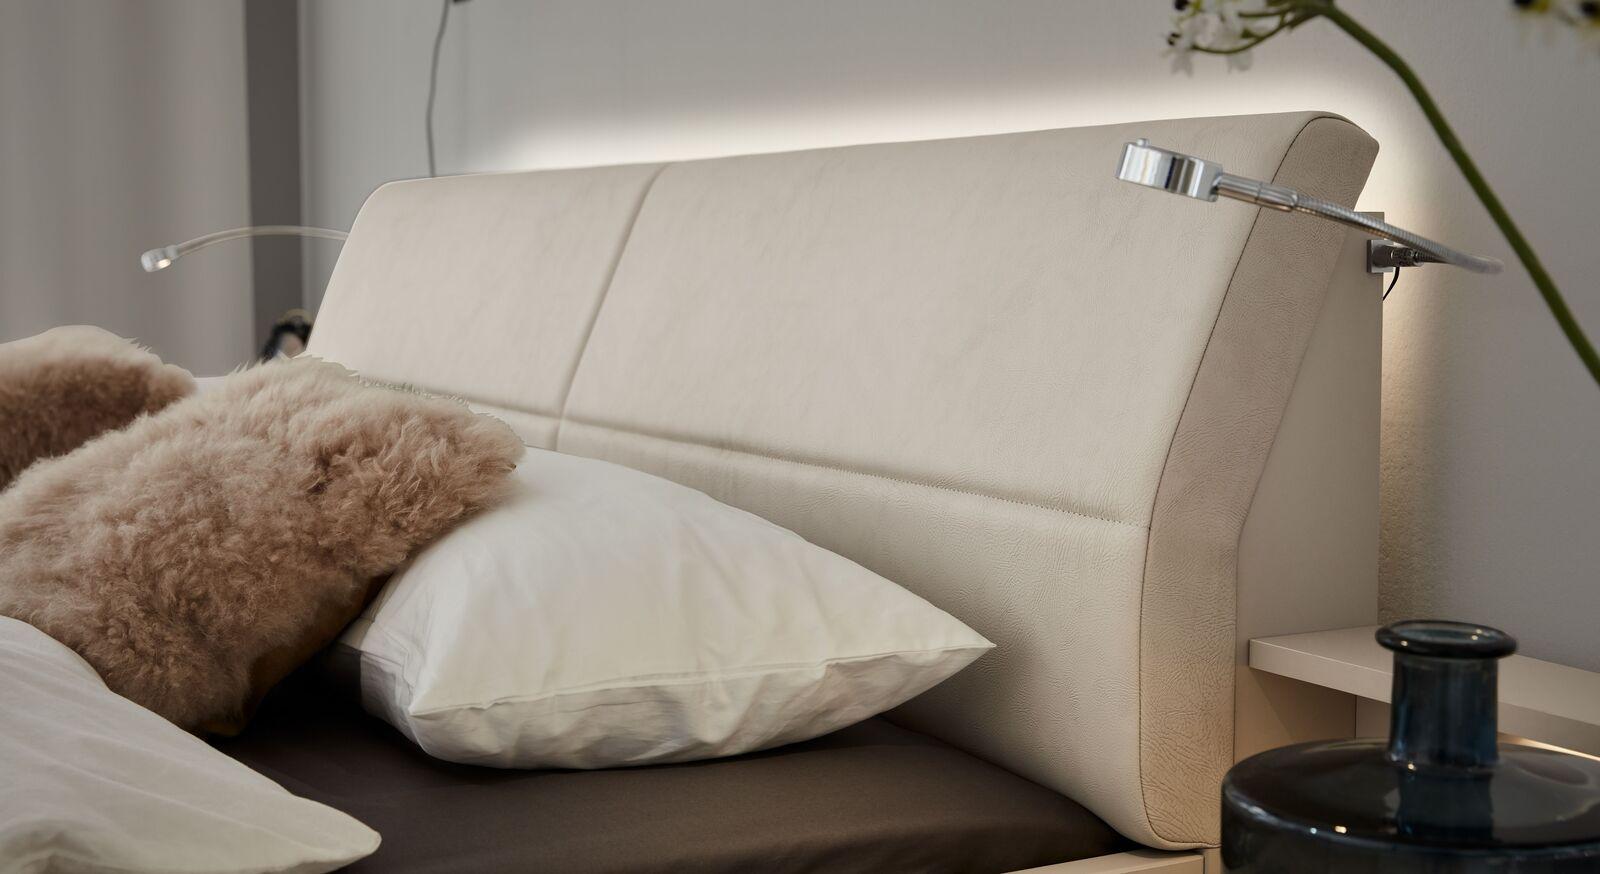 Edles und praktisches INTERLIVING Beleuchtungsset für Bettkopfteil 1009